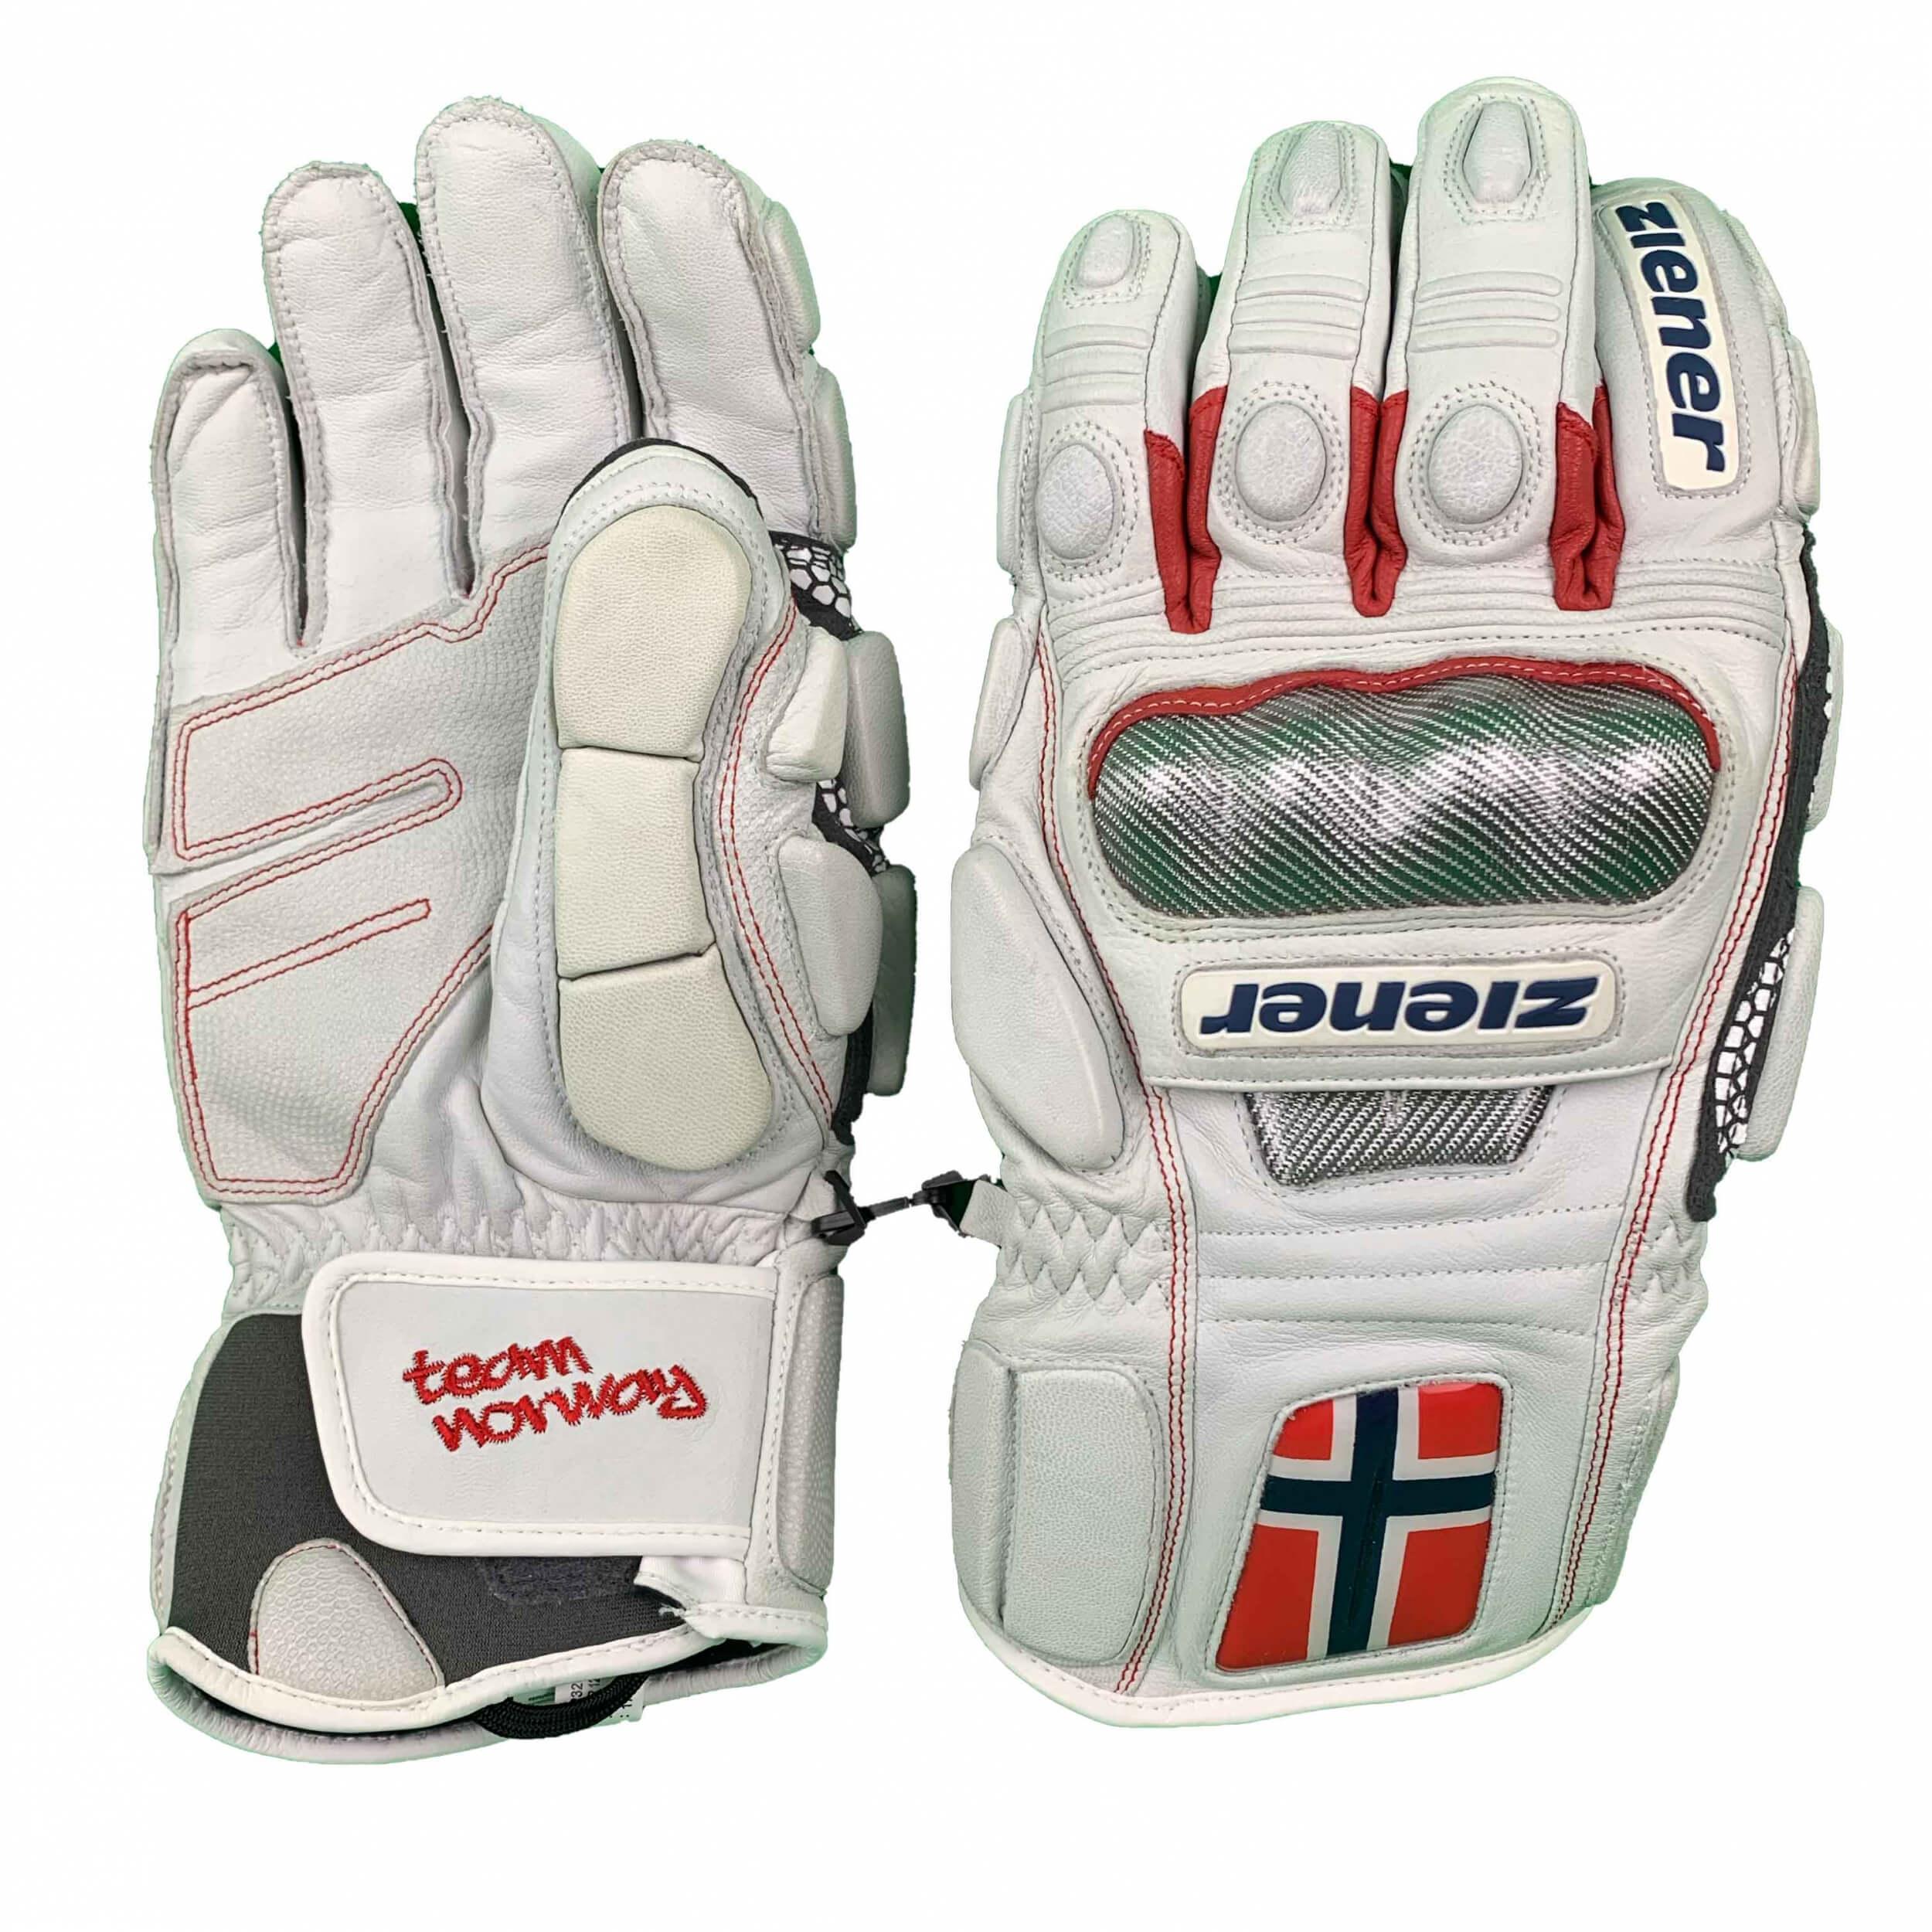 ZIENER Ski Race Handschuhe Gran Risa weiß Norway